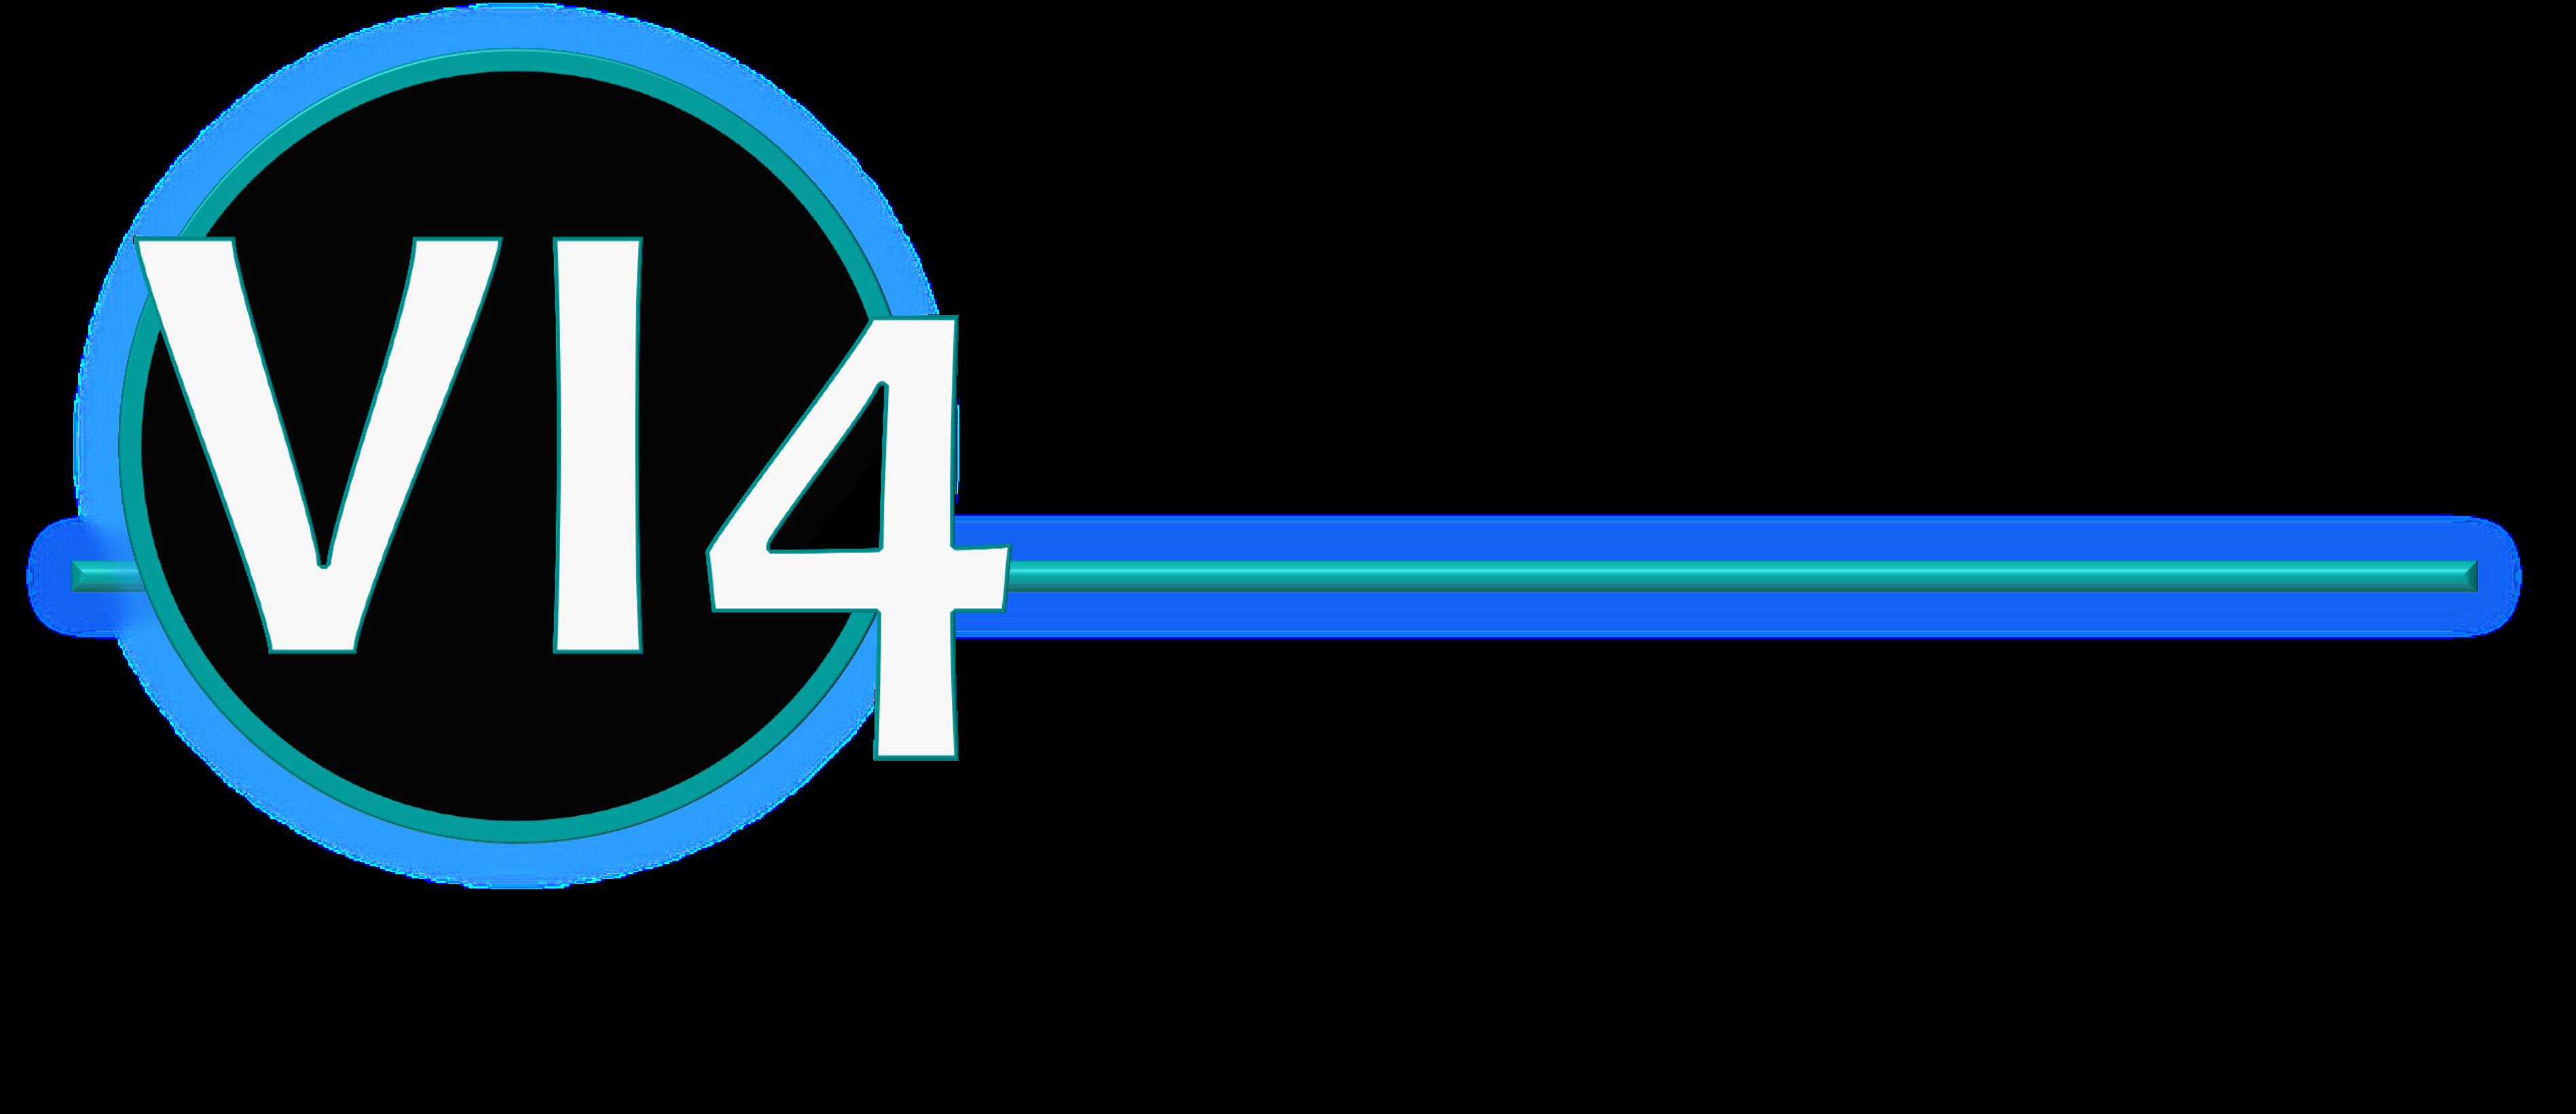 VI4 Programs